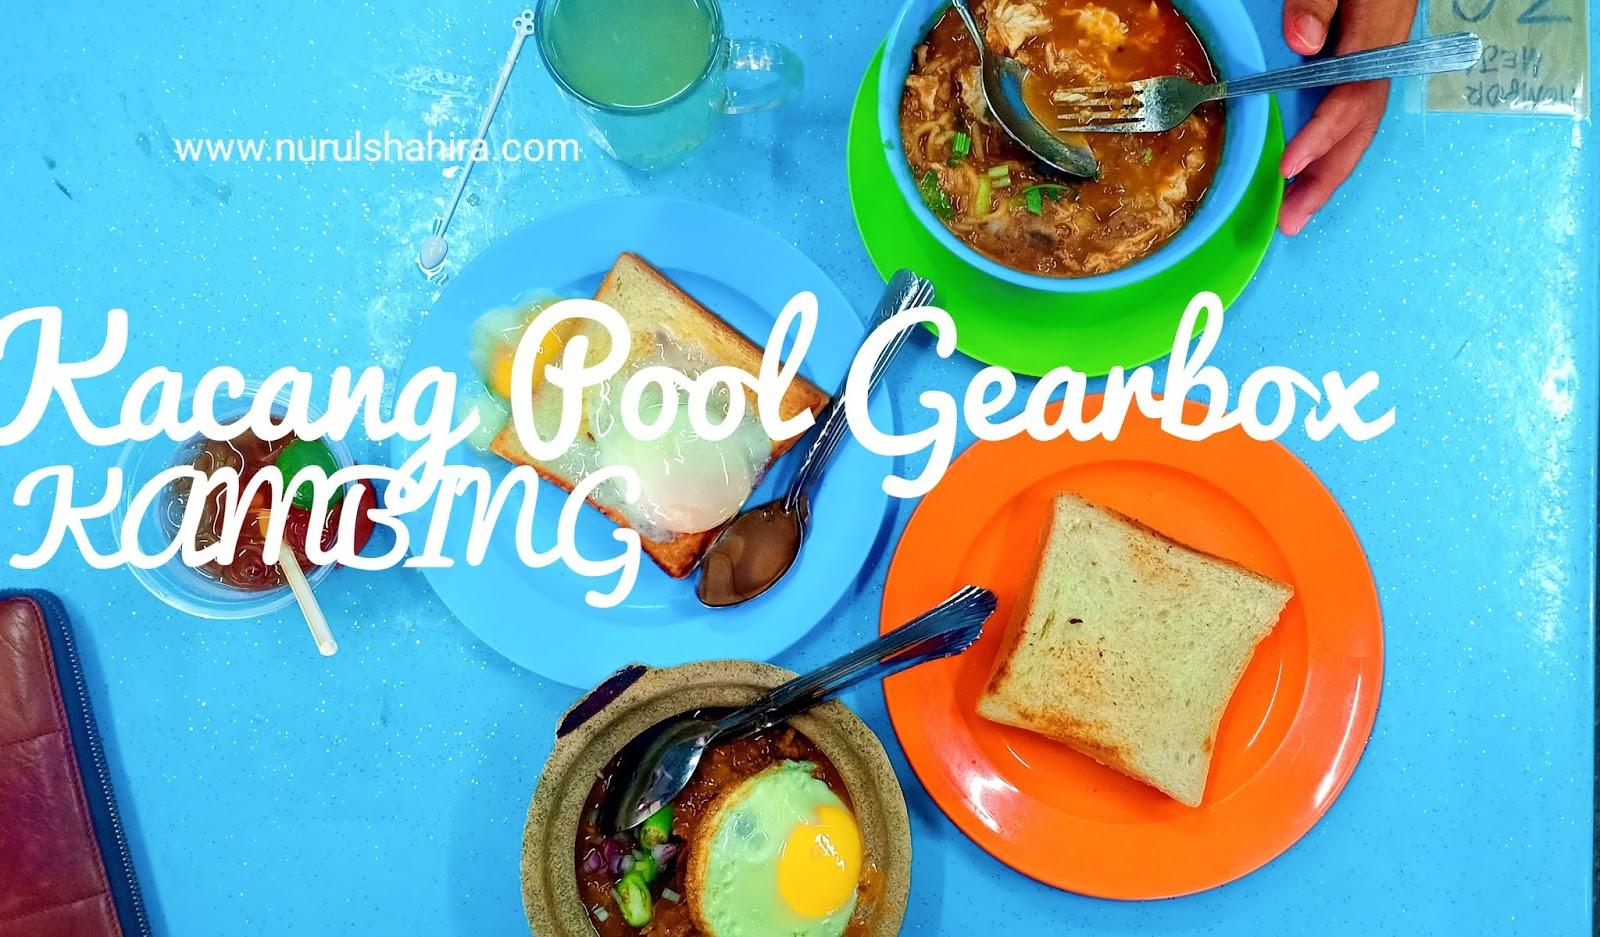 Semangkuk | Port Kacang Pool Gearbox Kambing dan Roti Goyang di Nilai